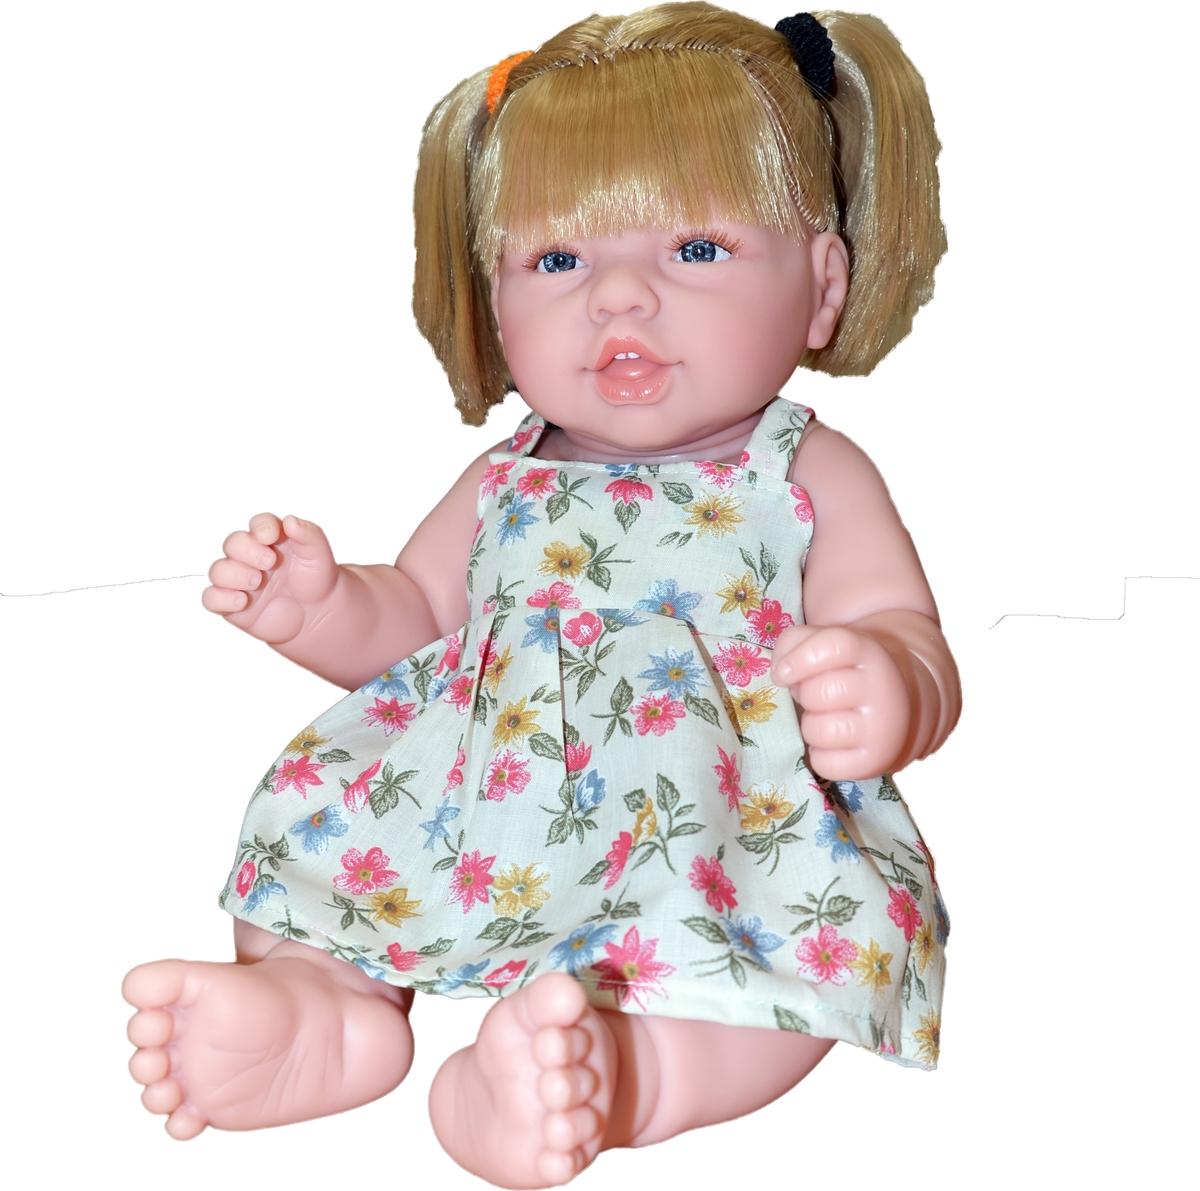 цены на Munecas Manolo Dolls Кукла Joana 48 см 6419 в интернет-магазинах